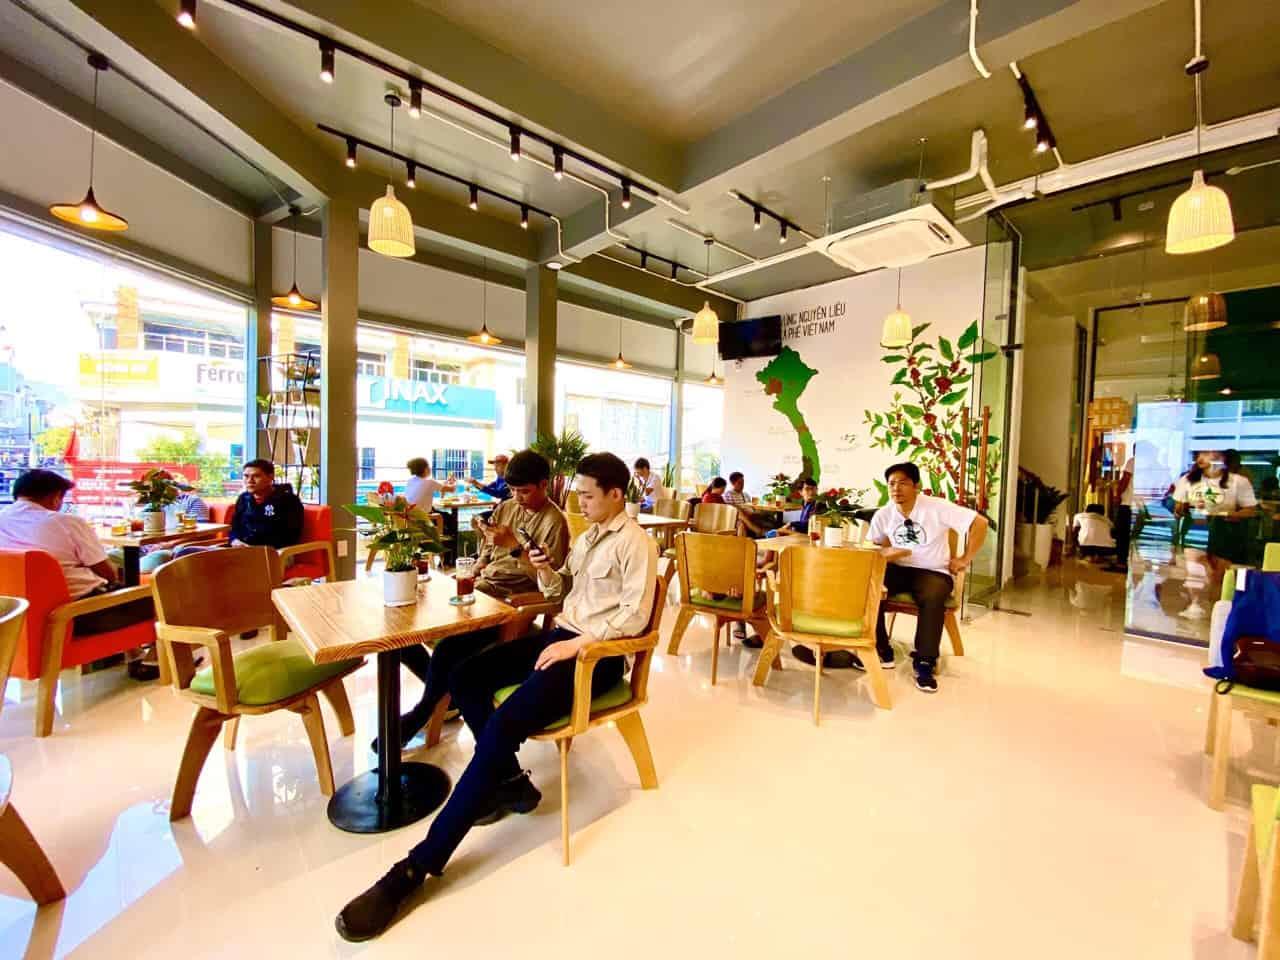 nhượng quyền cafe viva star coffee